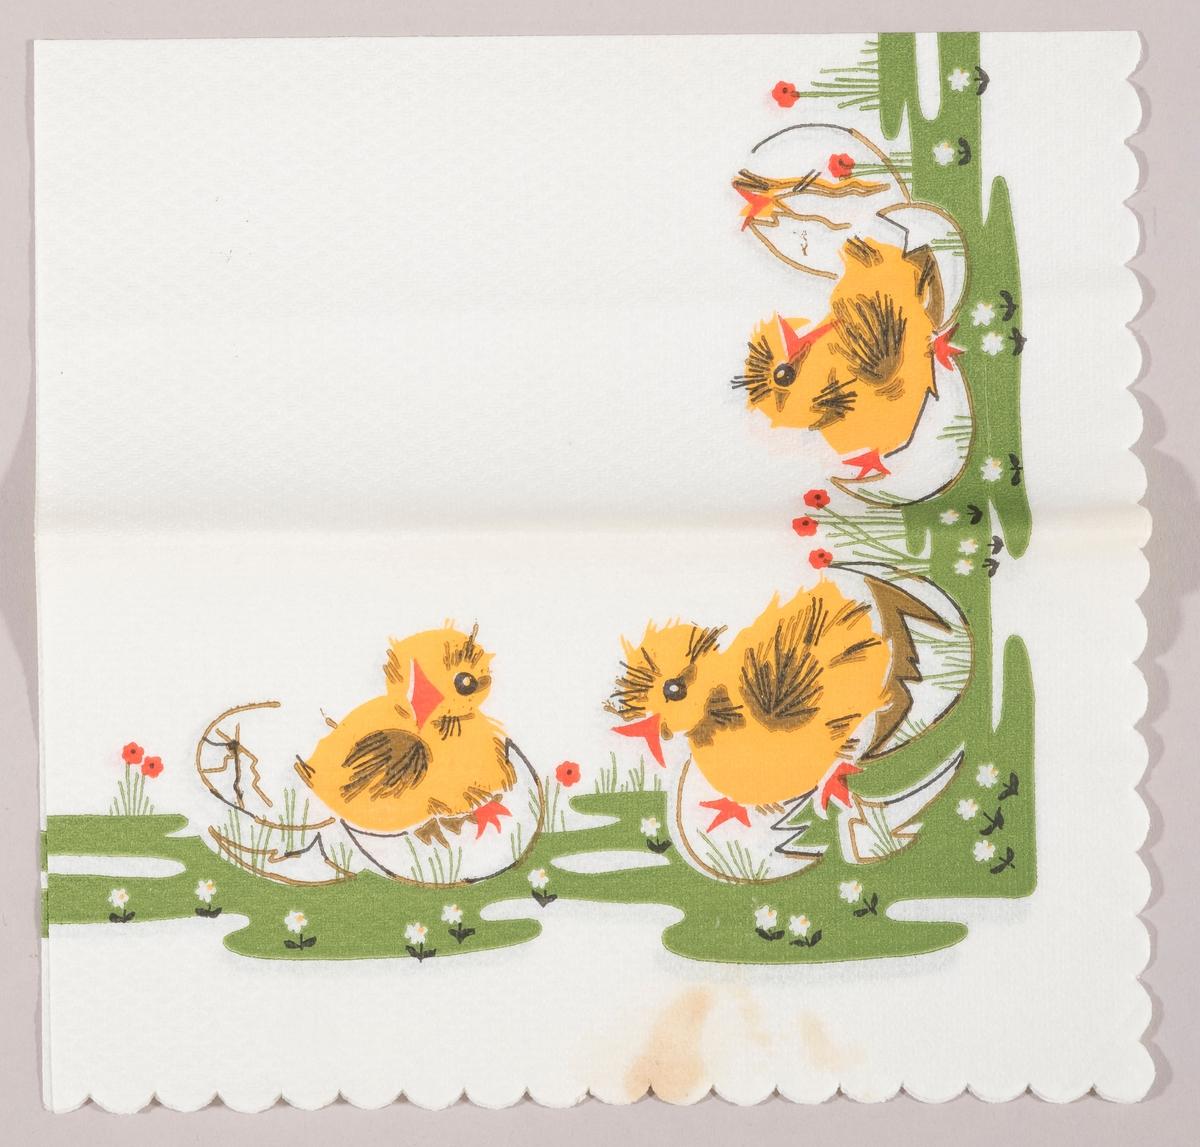 Tre påskekyllinger sitter i skallet til egg, hvorfra de er blitt klekket ut på en grønn eng med hvite og røde blomster.